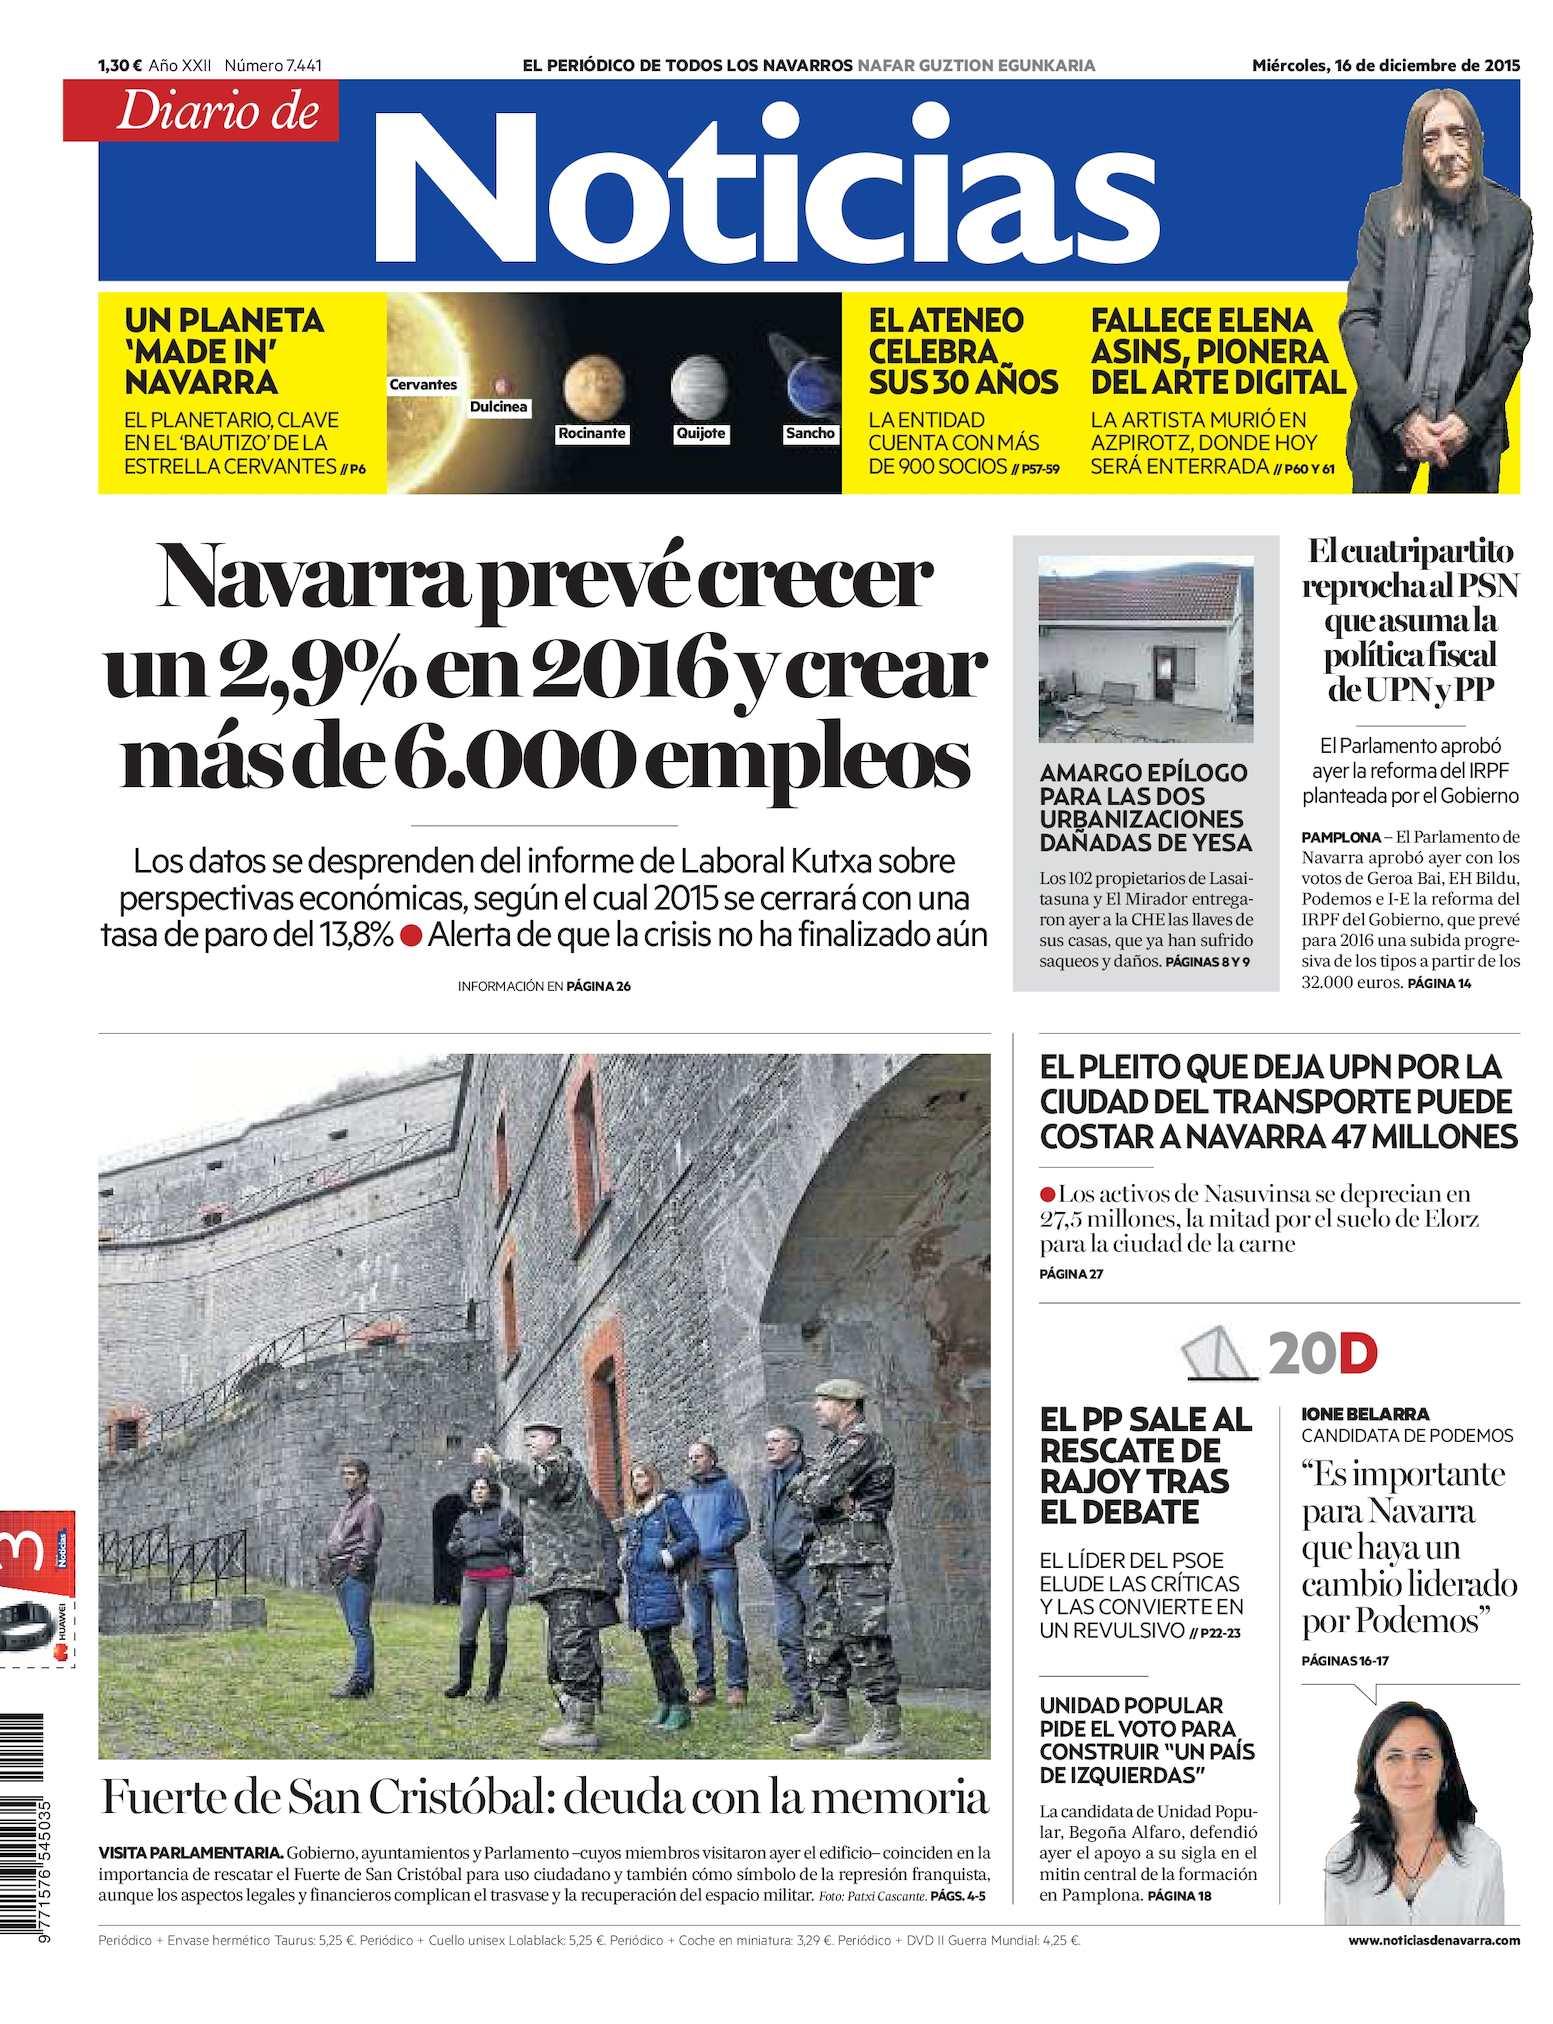 2b4c3ba8623d Calaméo - Diario de Noticias 20151216